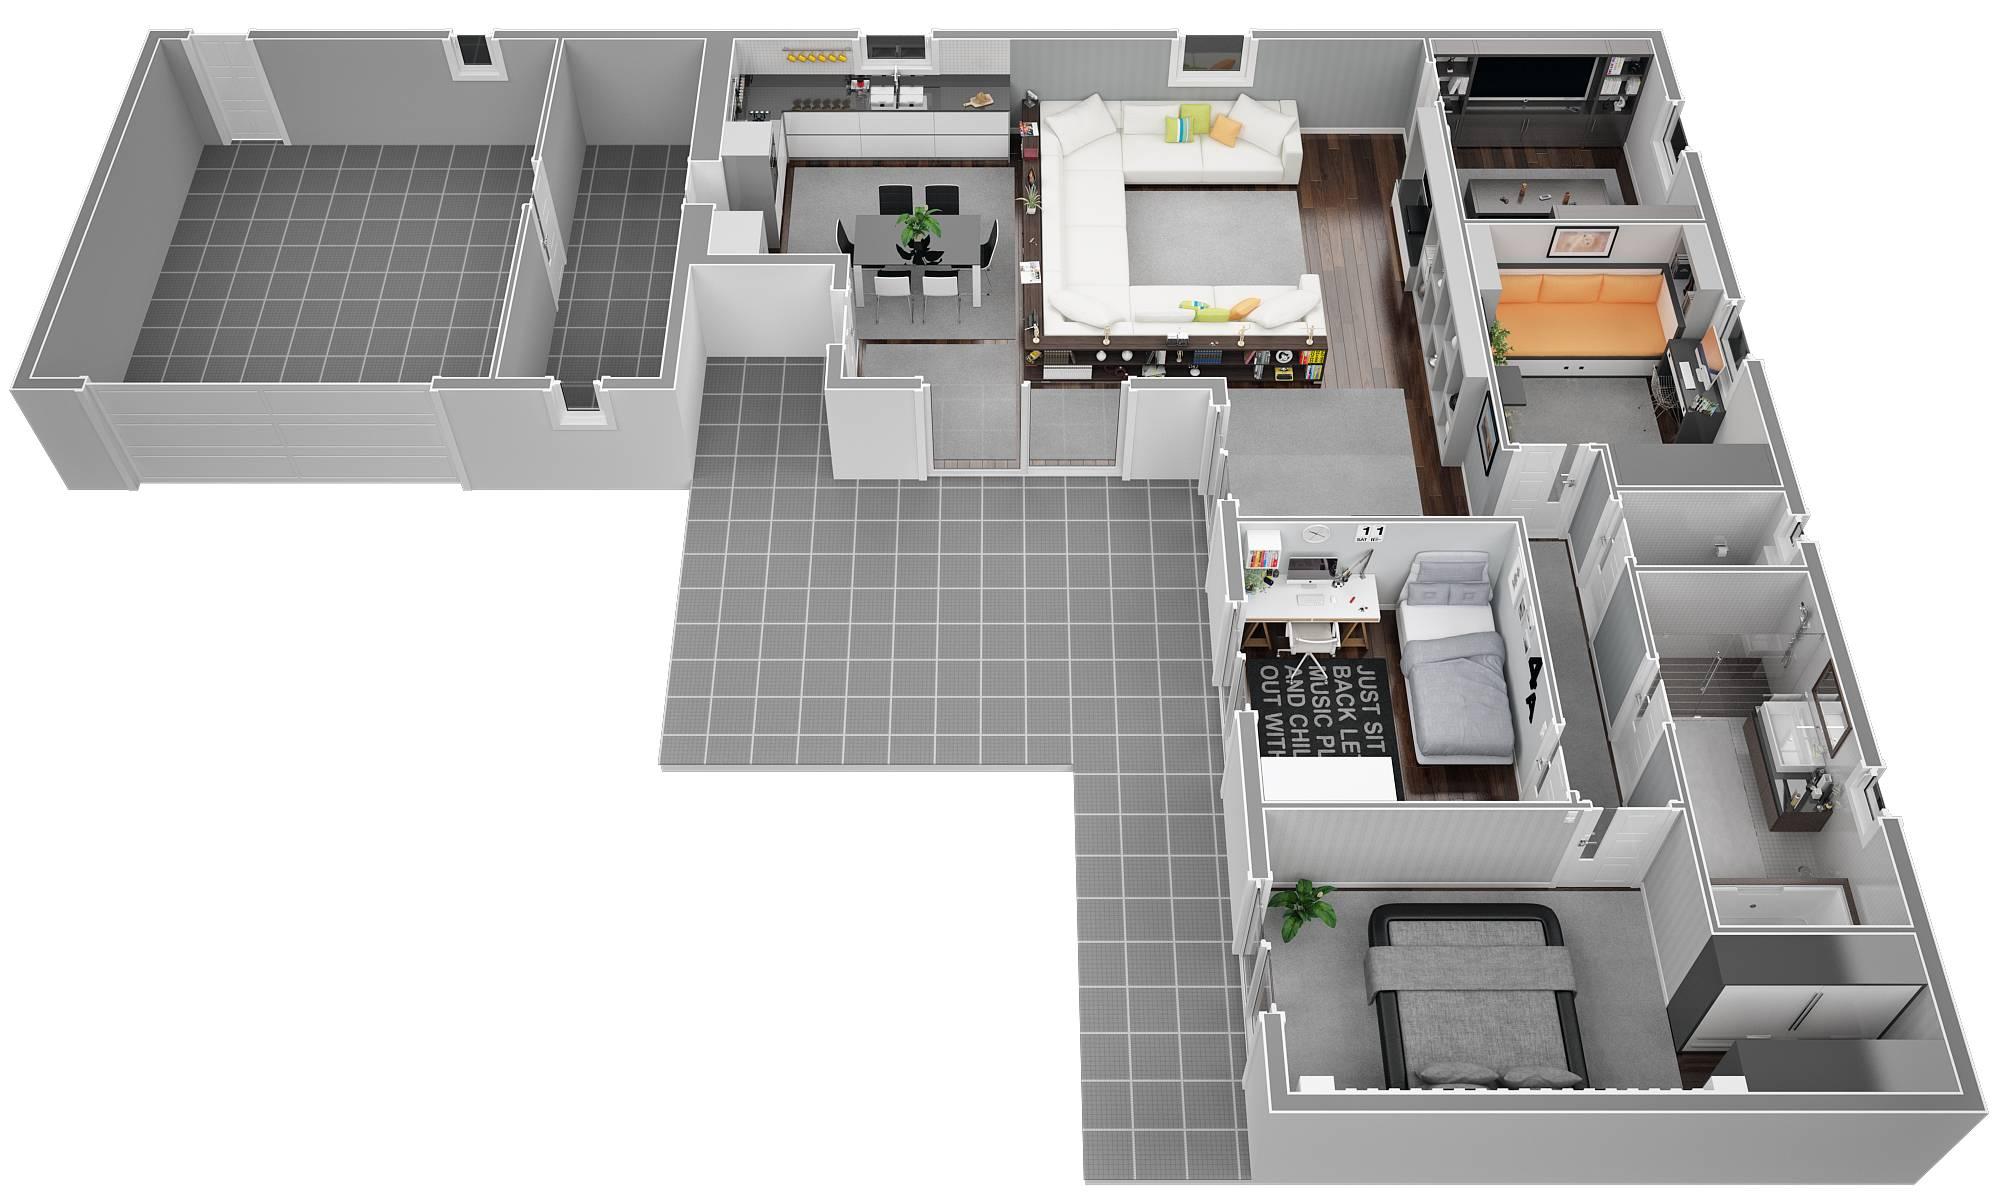 Plan De Construction D Une Maison 110m2 | Ventana Blog